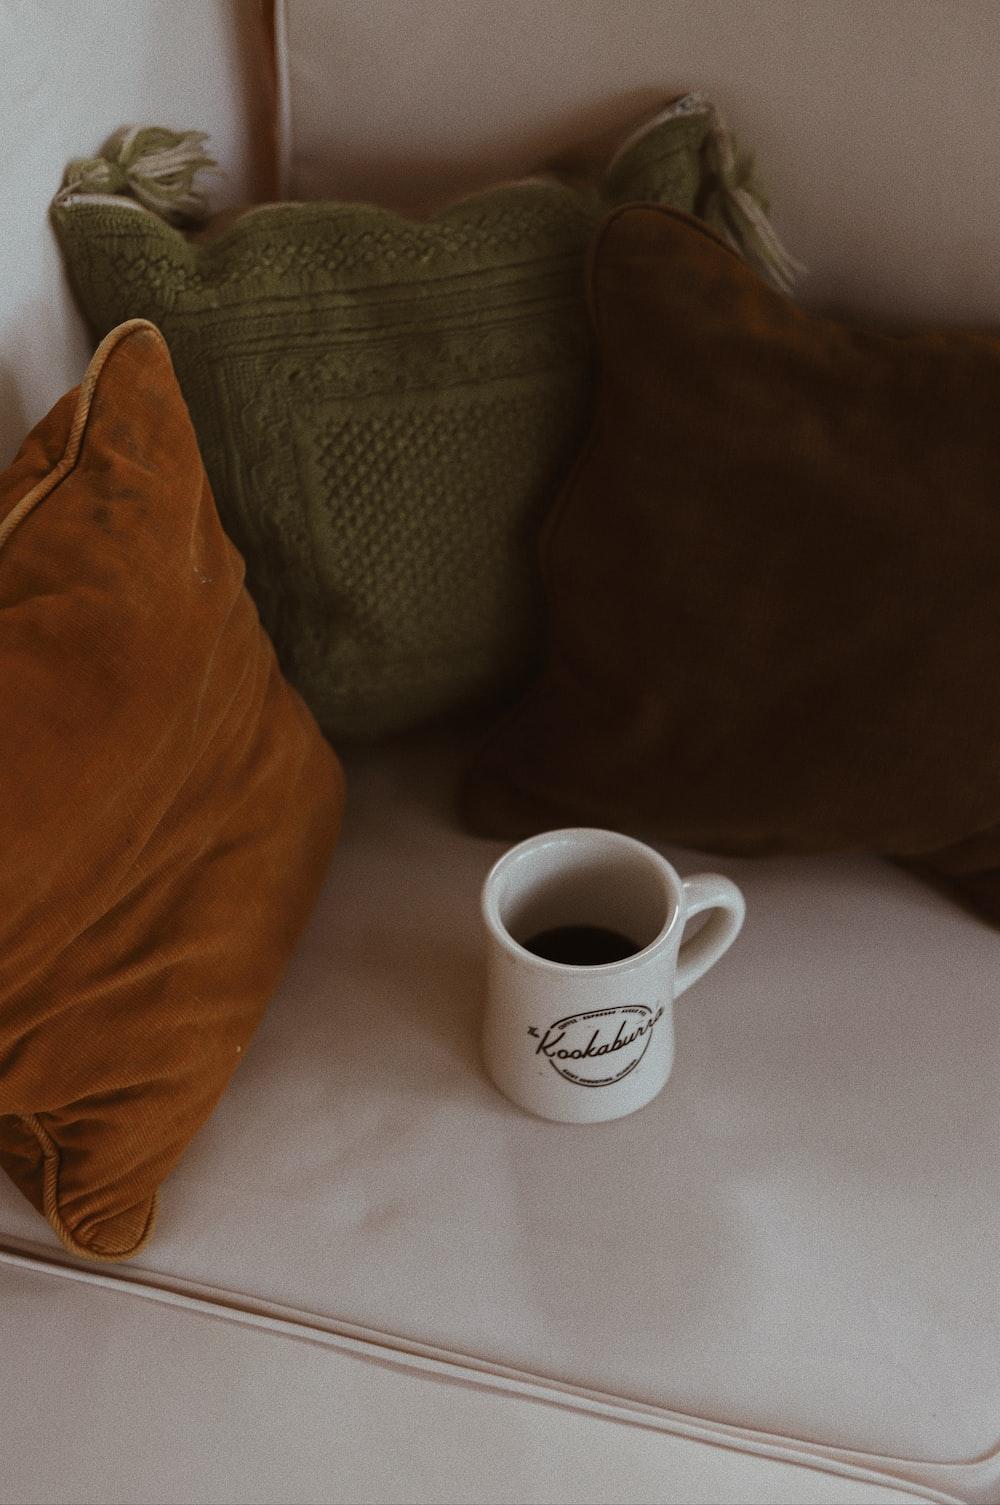 white ceramic mug near three assorted-color throw pillows